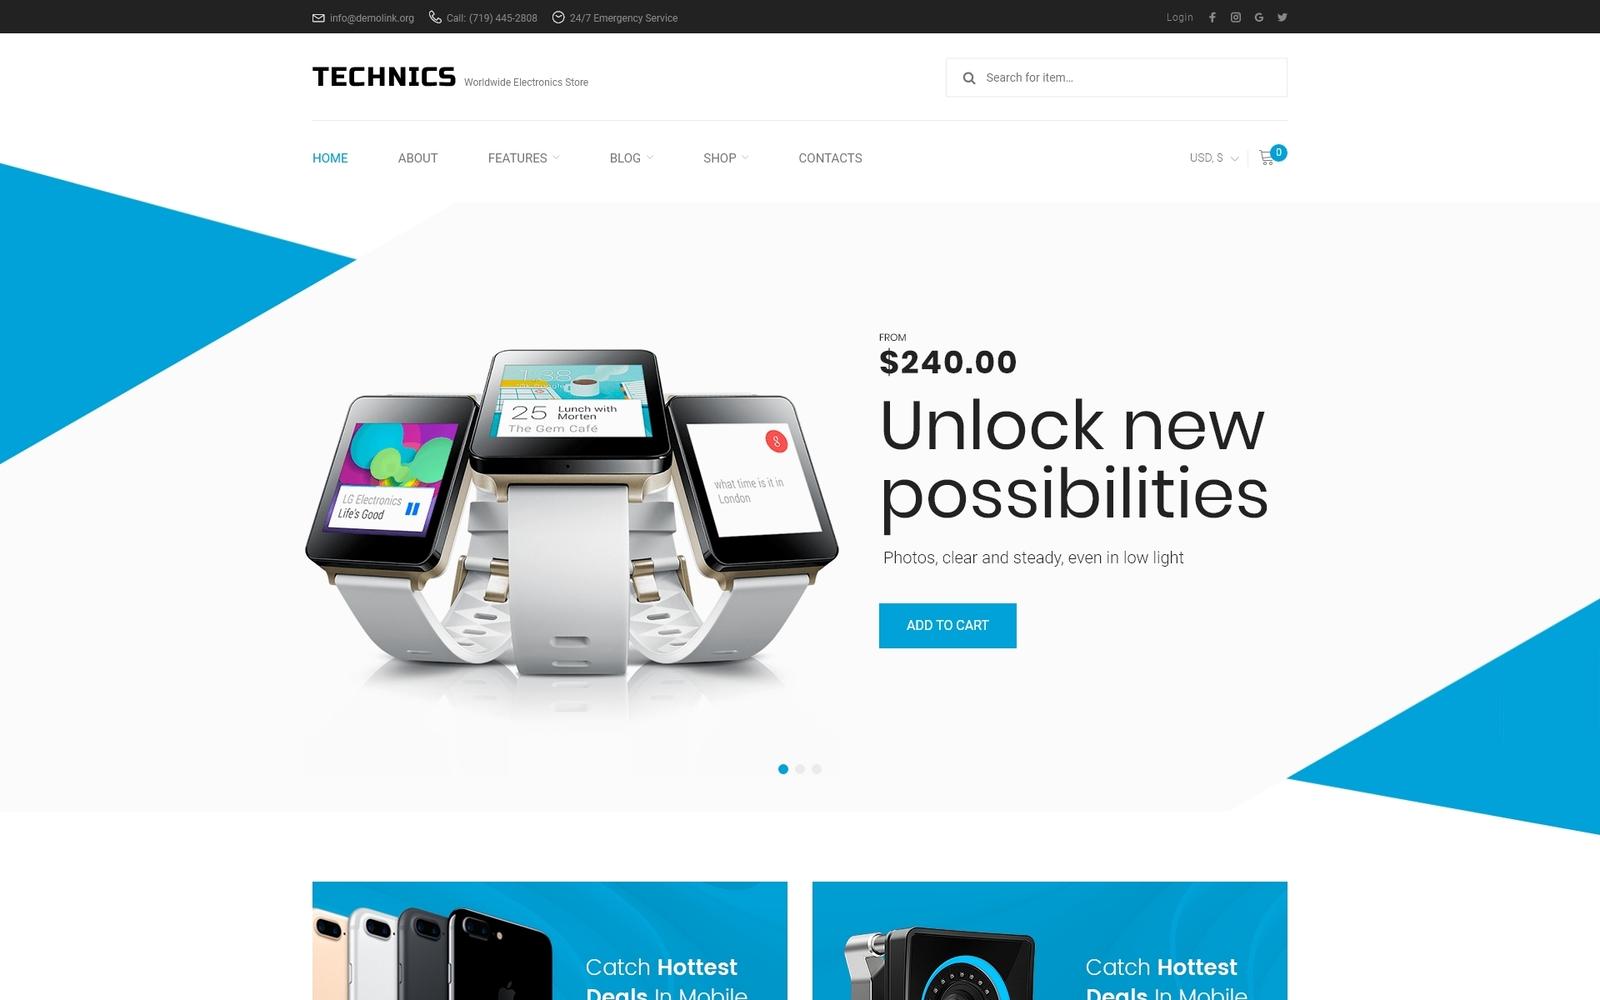 Technics - Electronics Store WooCommerce Theme